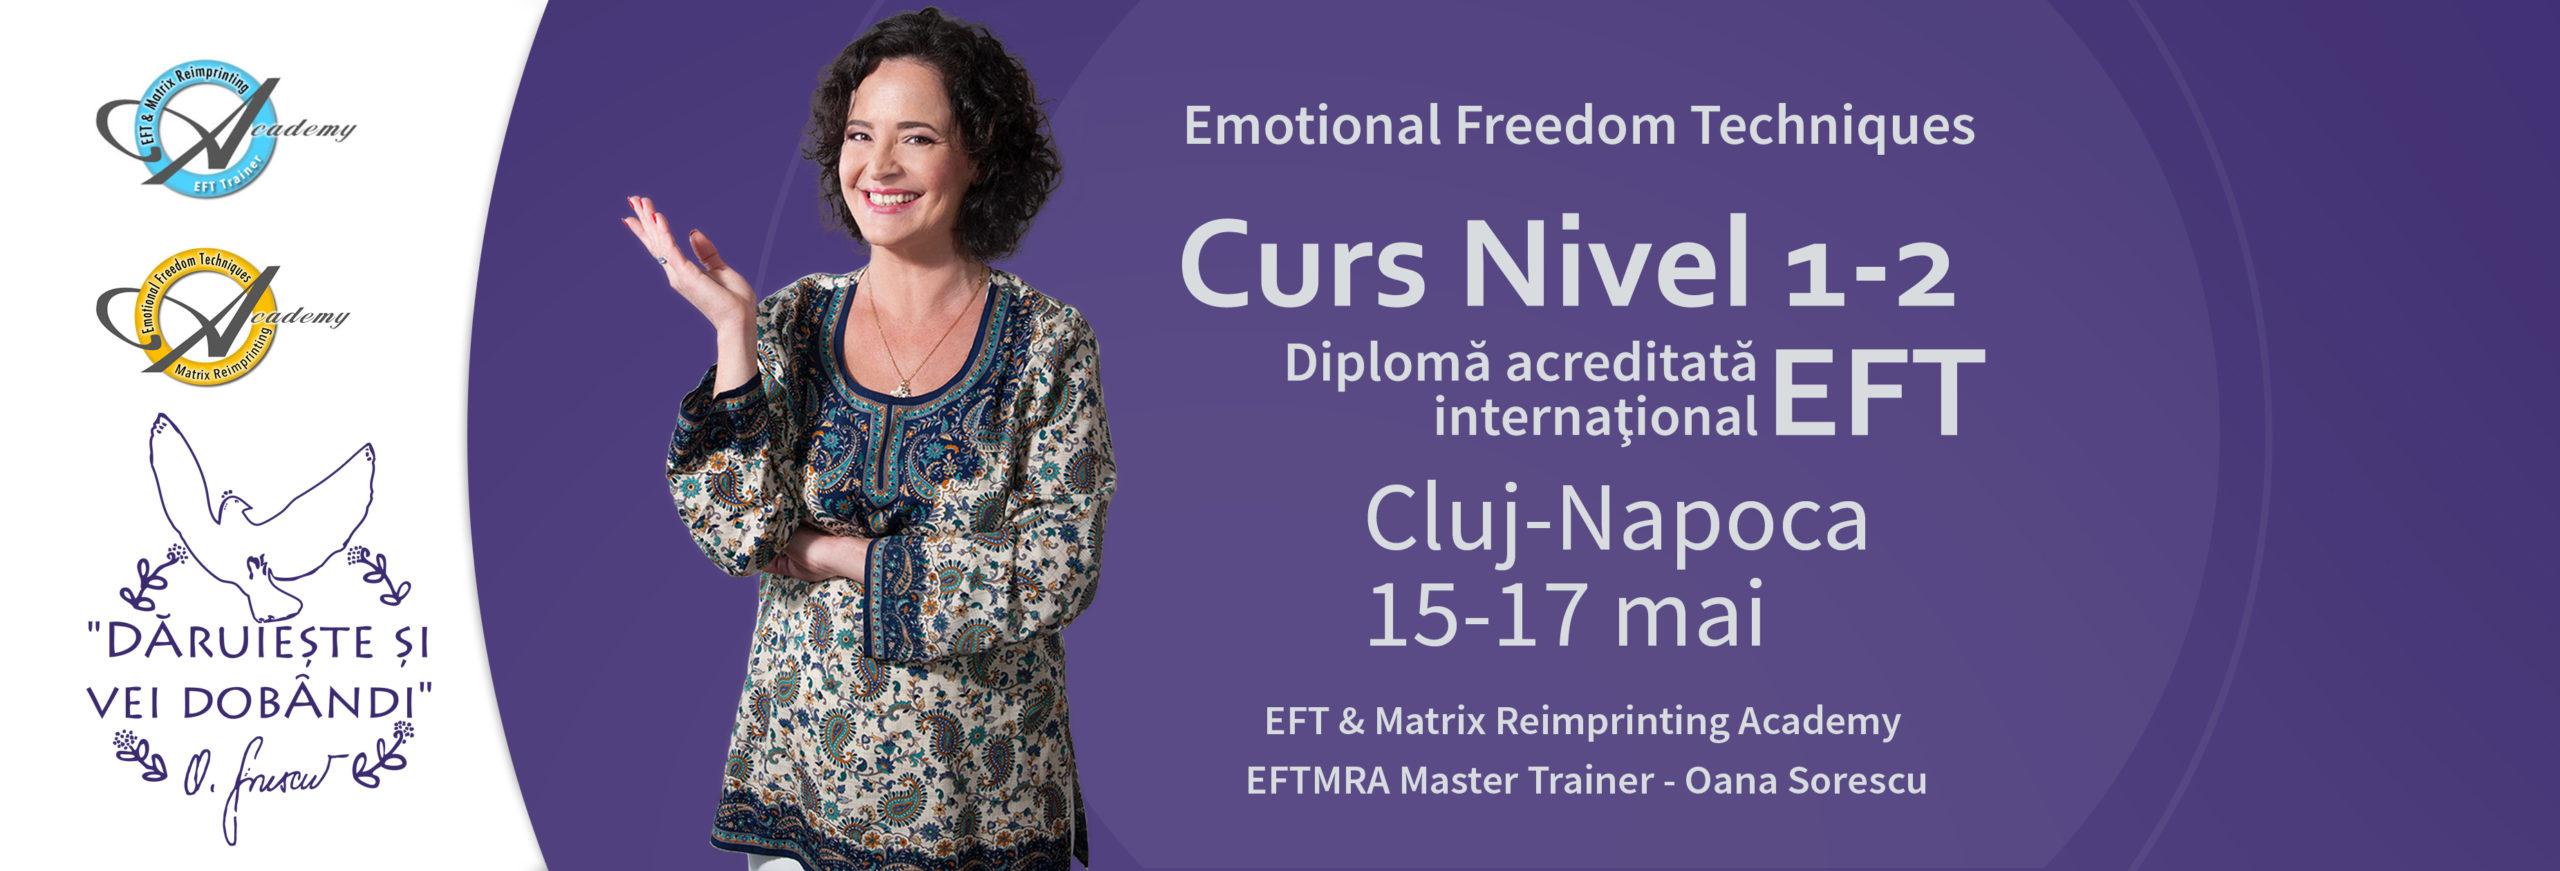 Curs EFT Cluj-Napoca